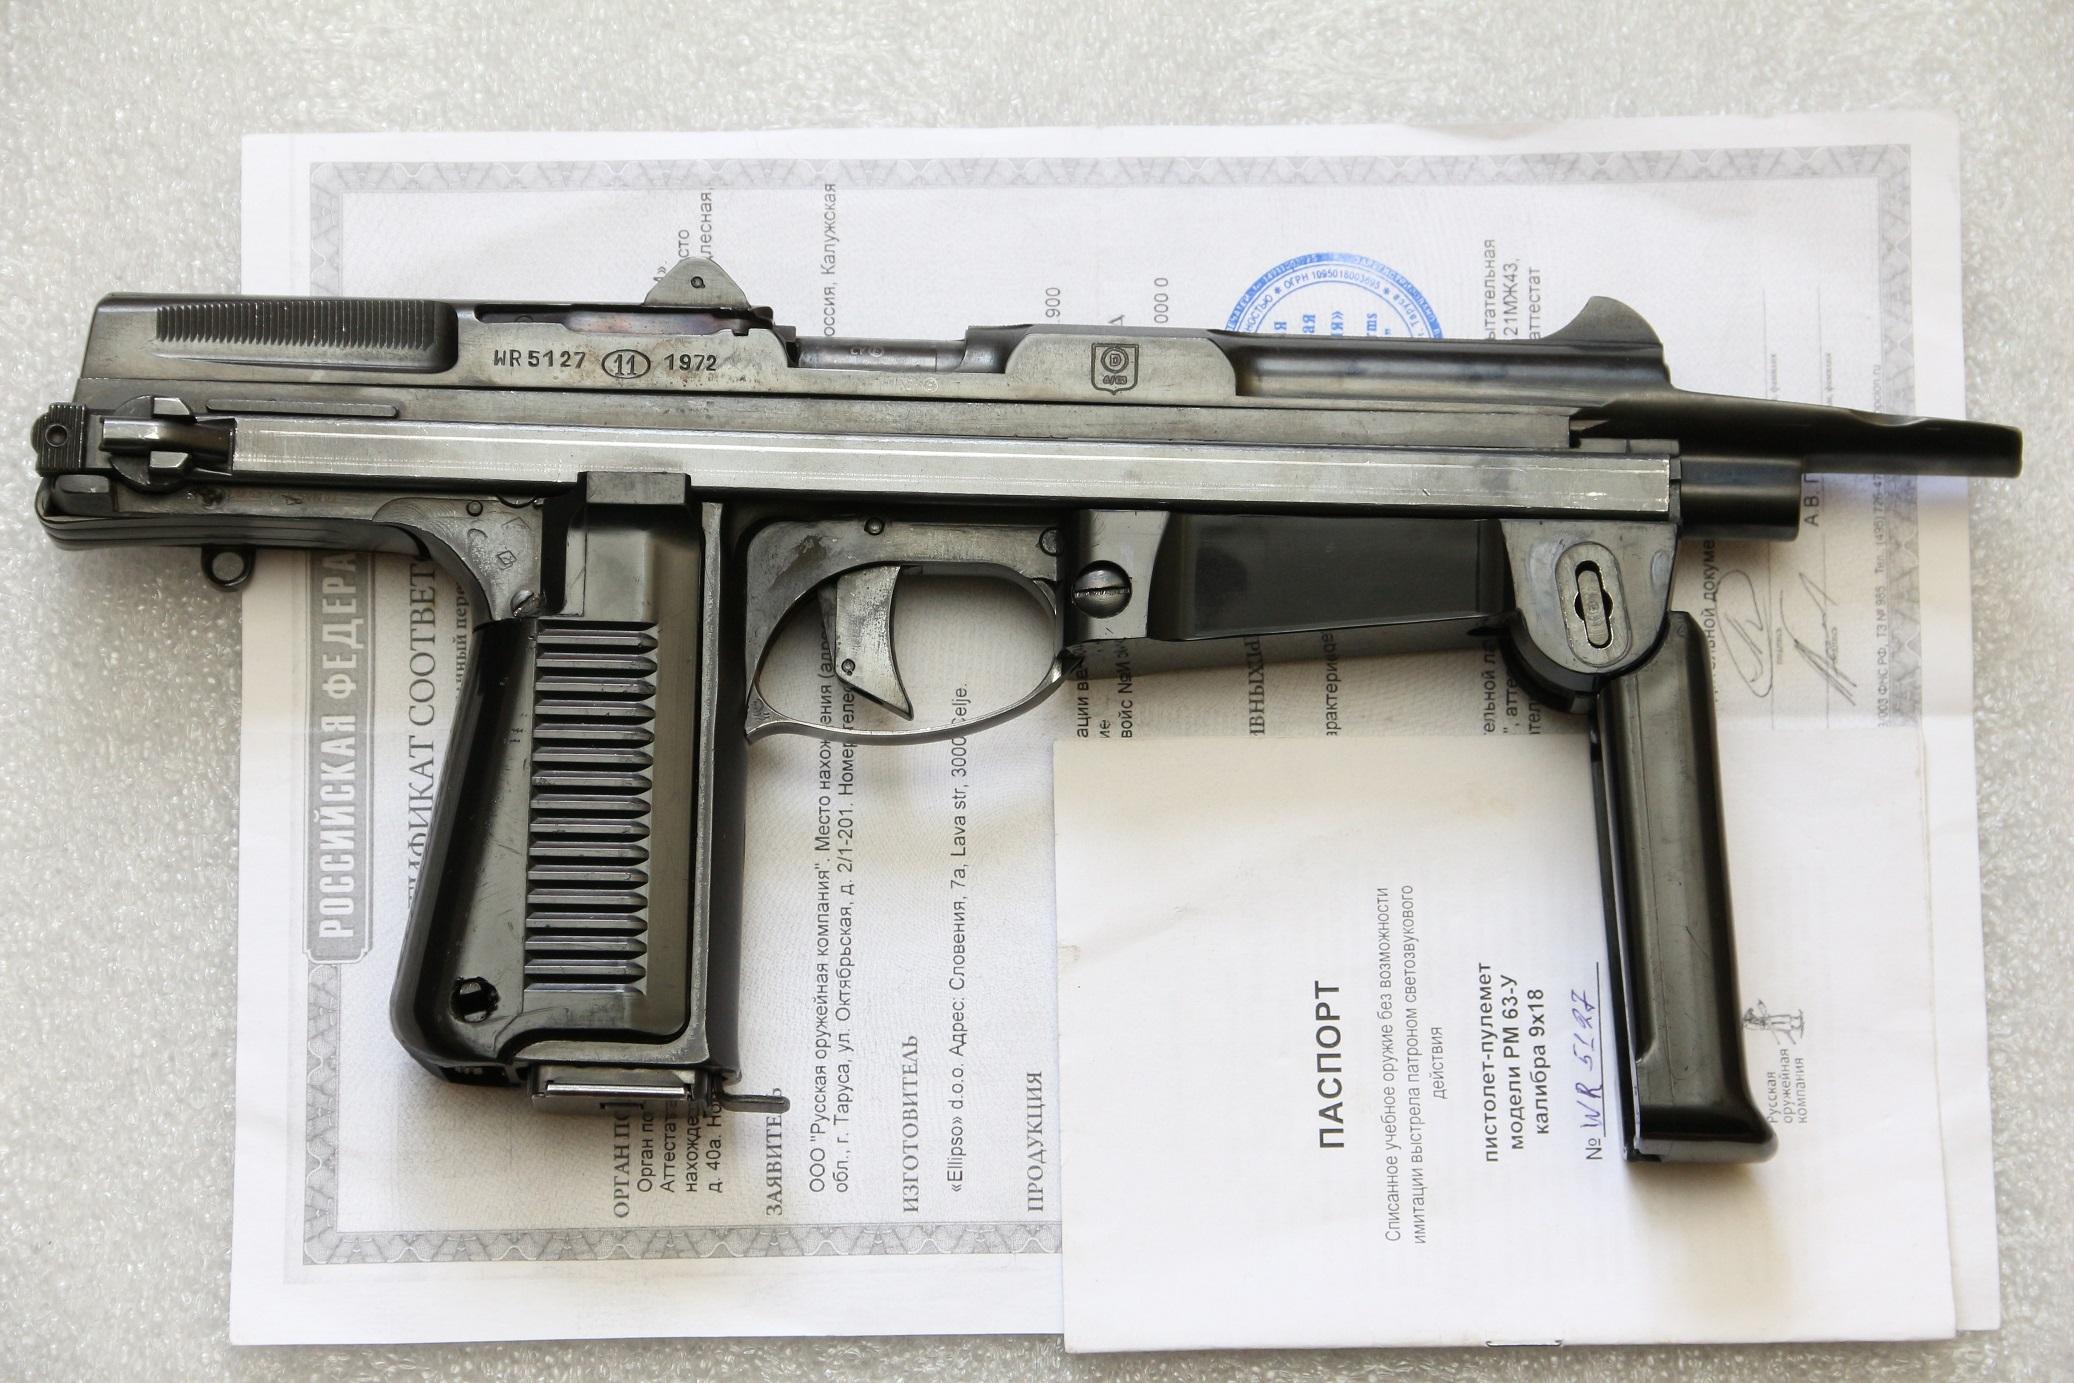 Пистолет-пулемет RAK-63 #WR5127, 1972 год